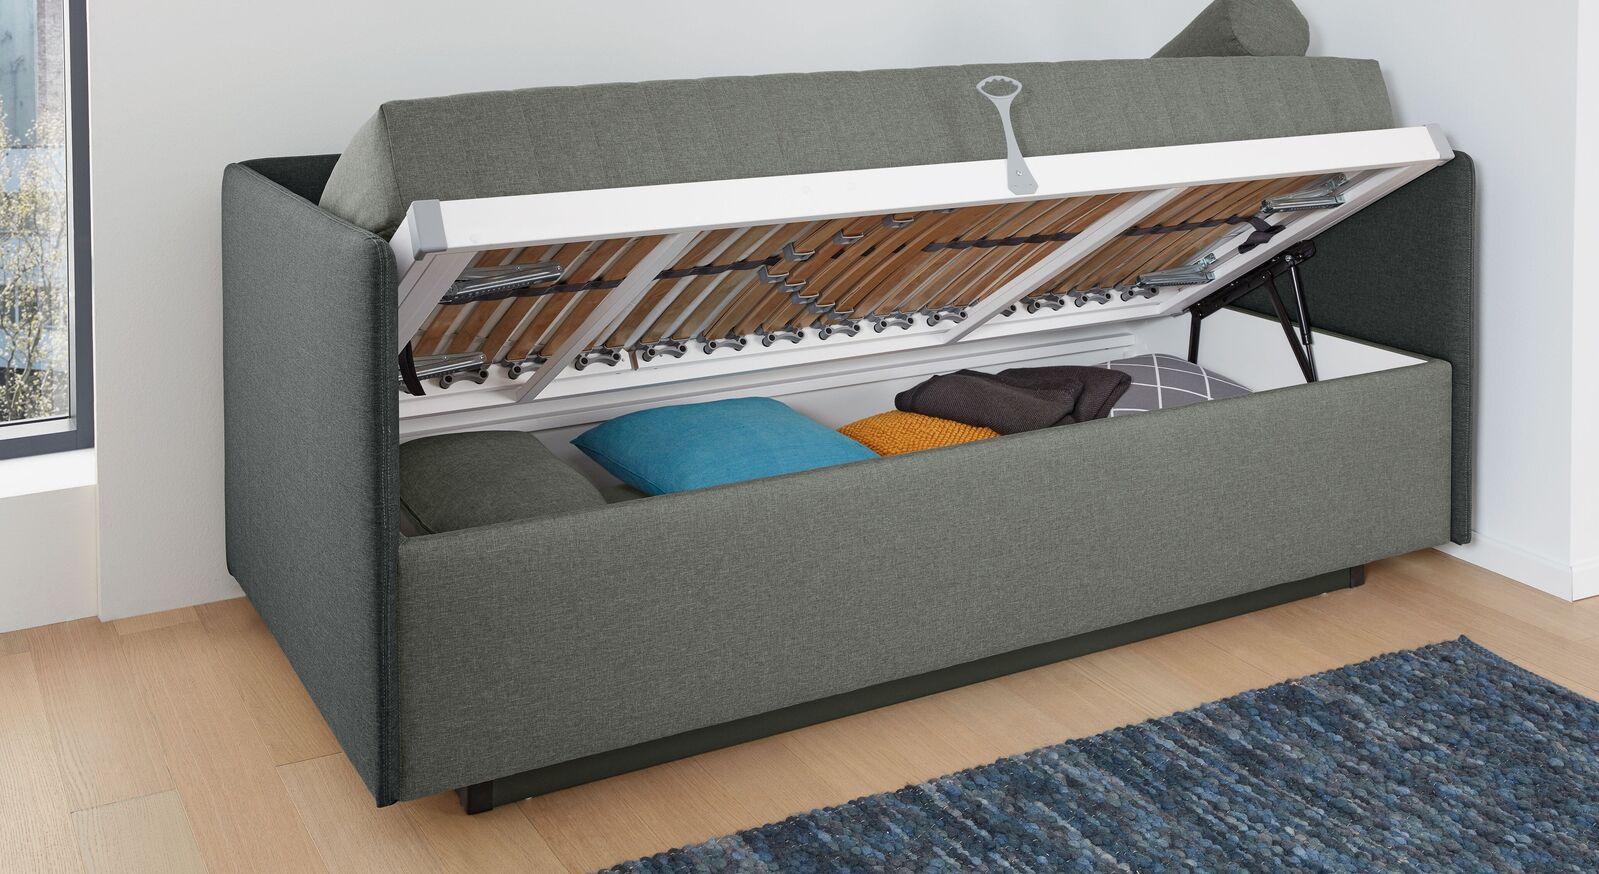 MUSTERRING Sofaliege Elapso mit Sockel und Bettkasten